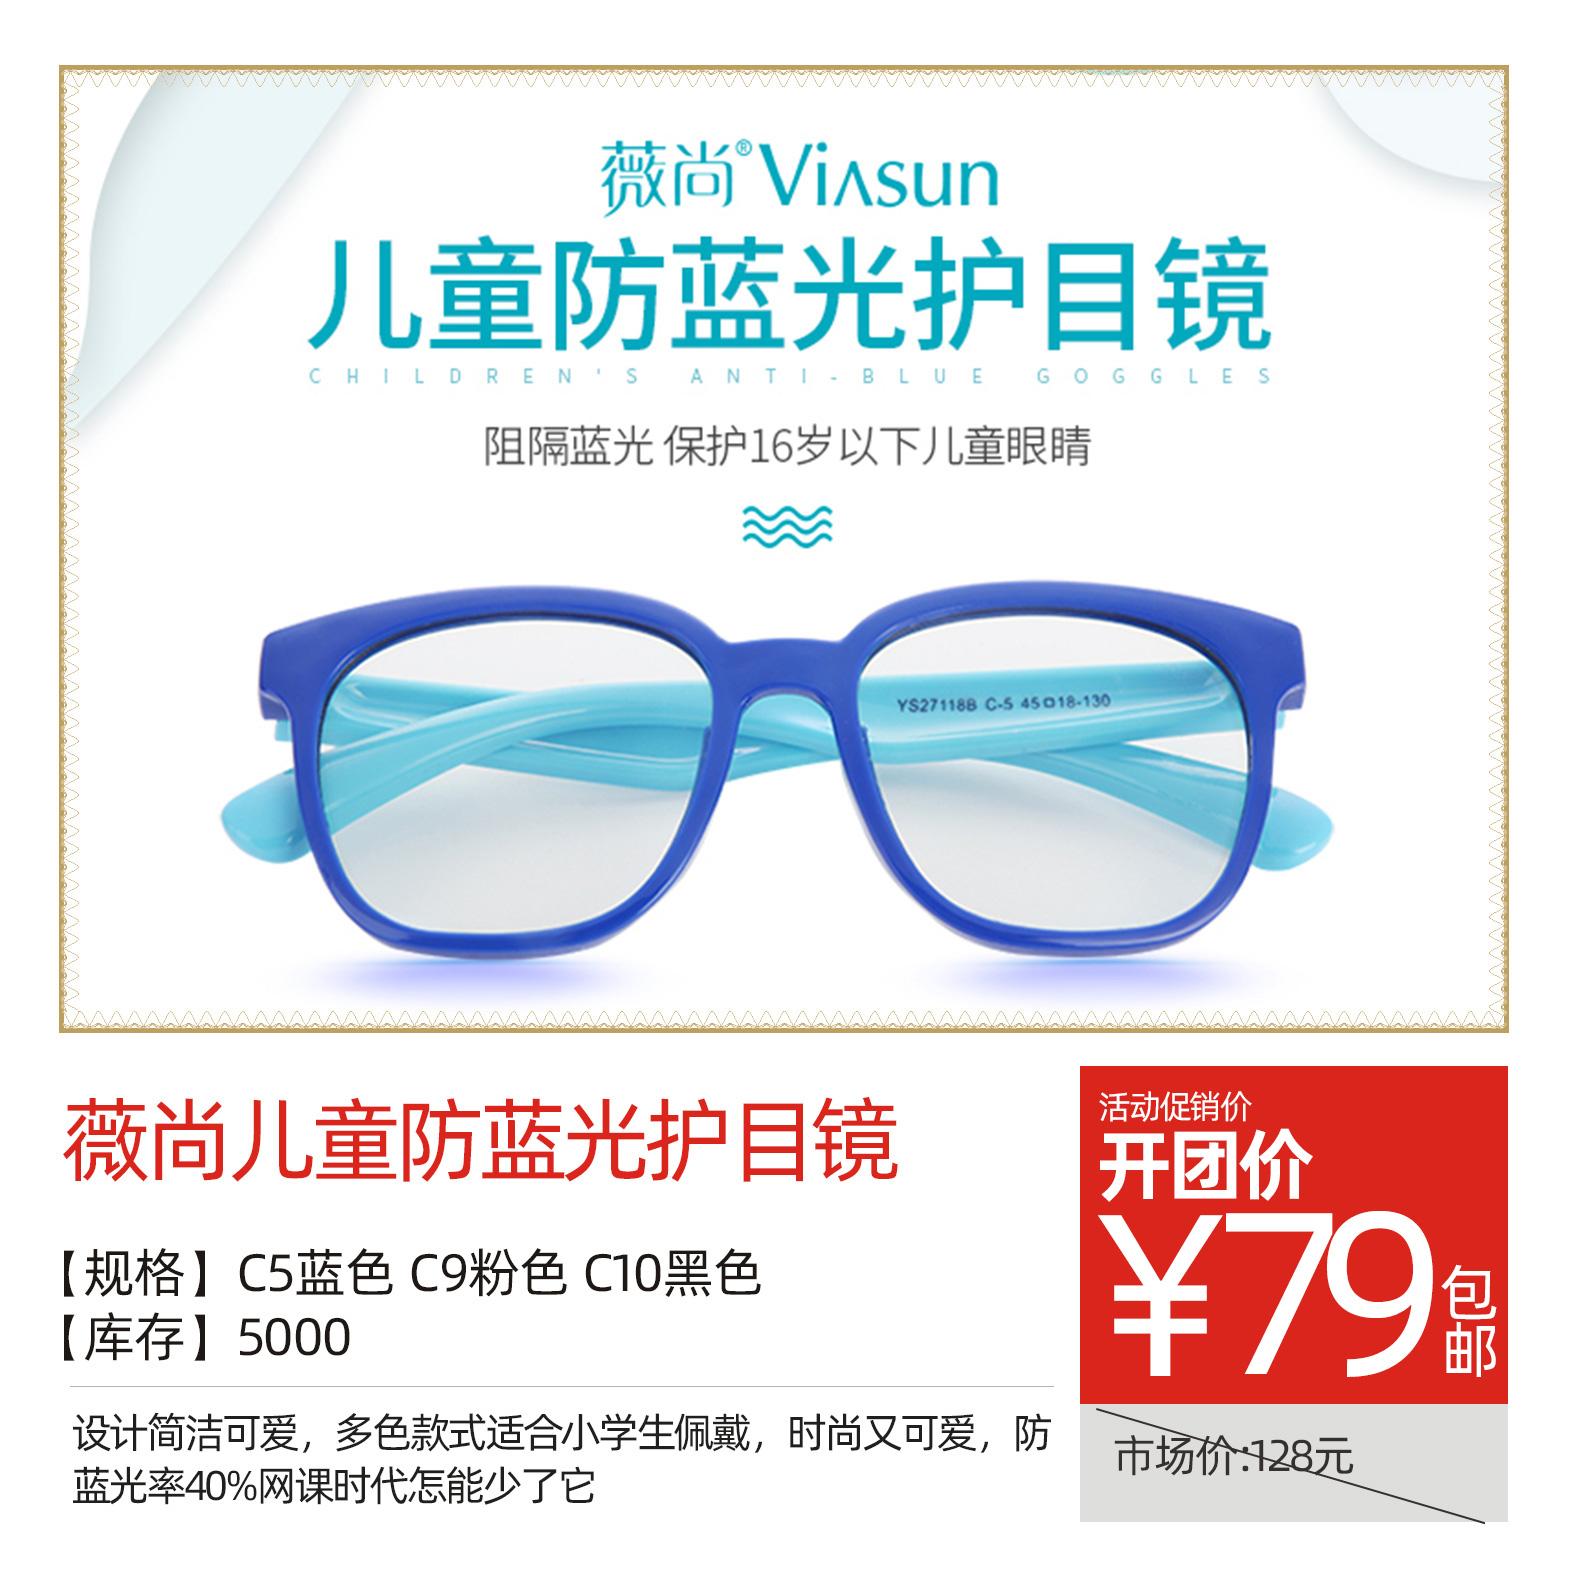 薇尚儿童防蓝光护目镜